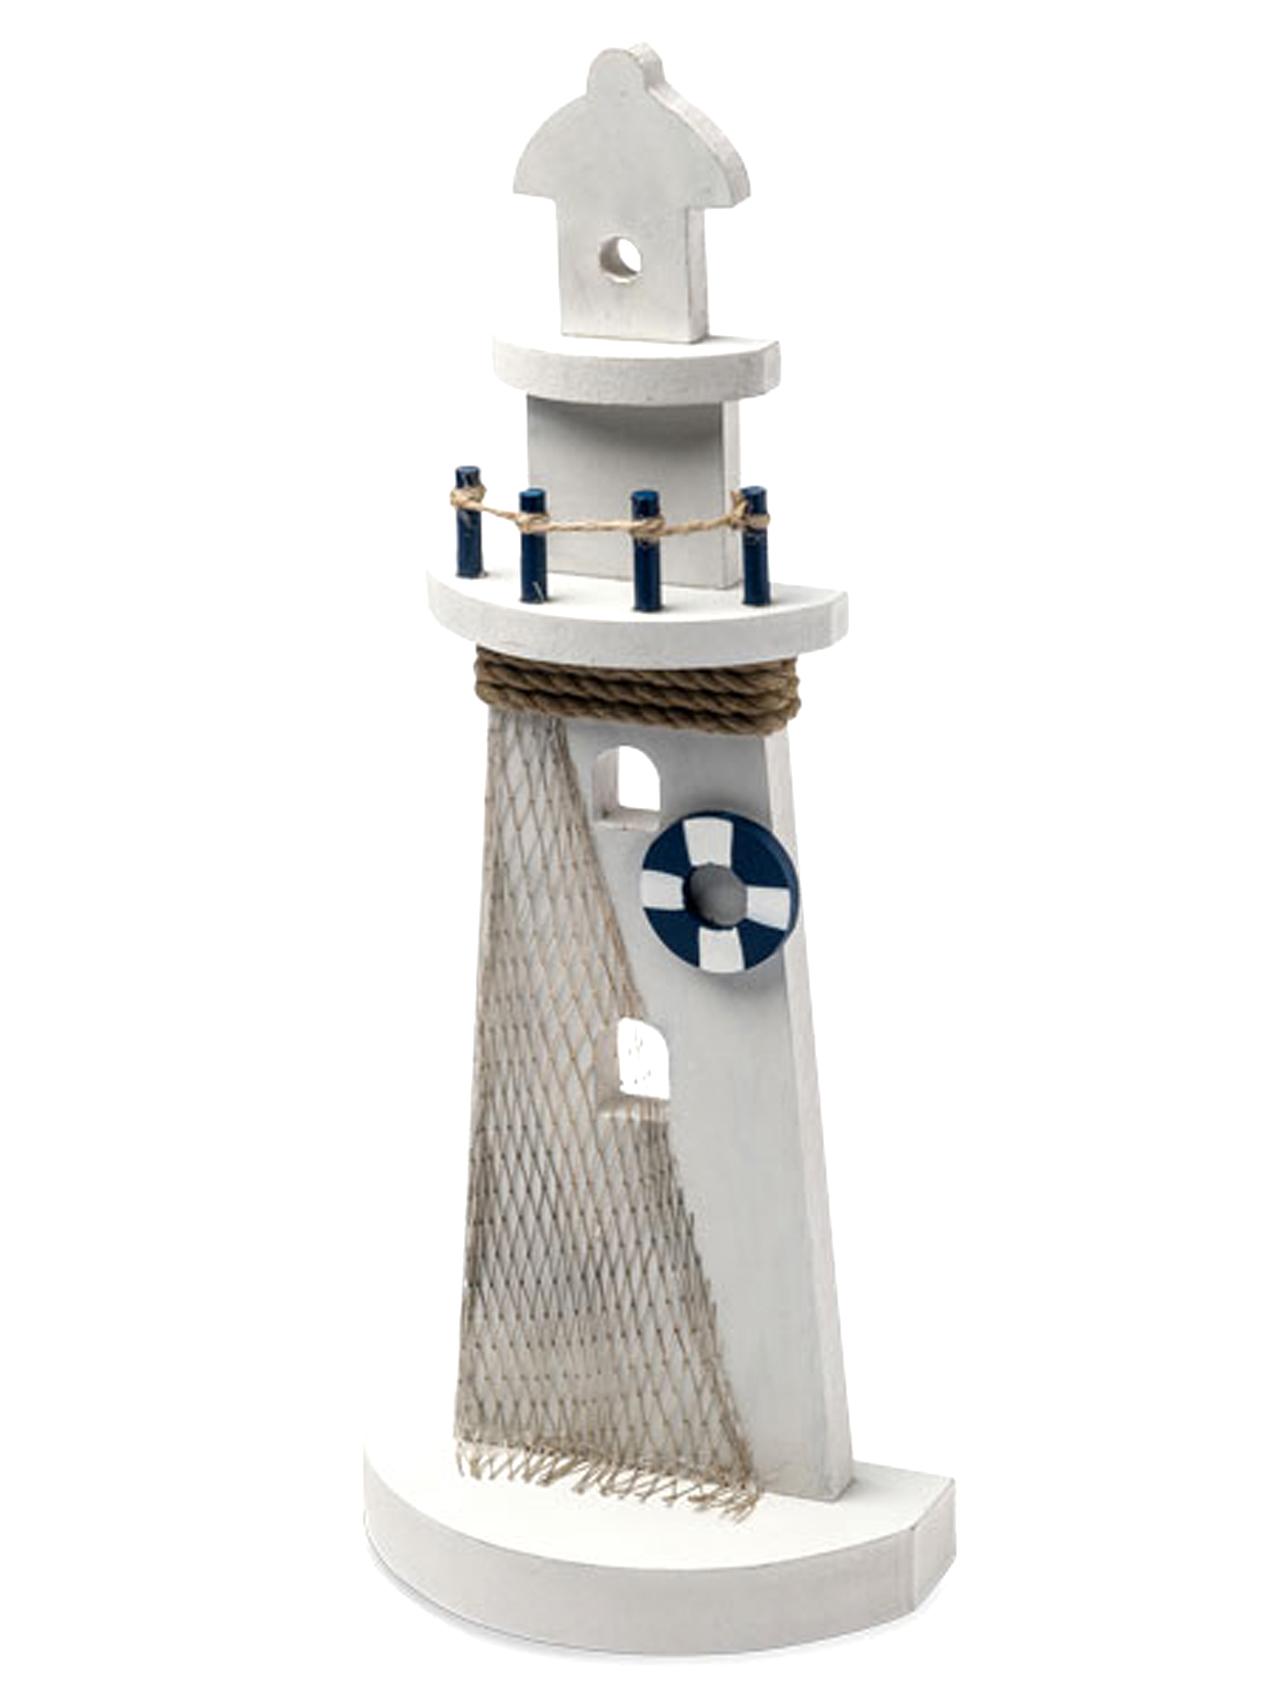 Phare d co marine et blanc 12 x 30cm d coration for Deco bleu marine et blanc